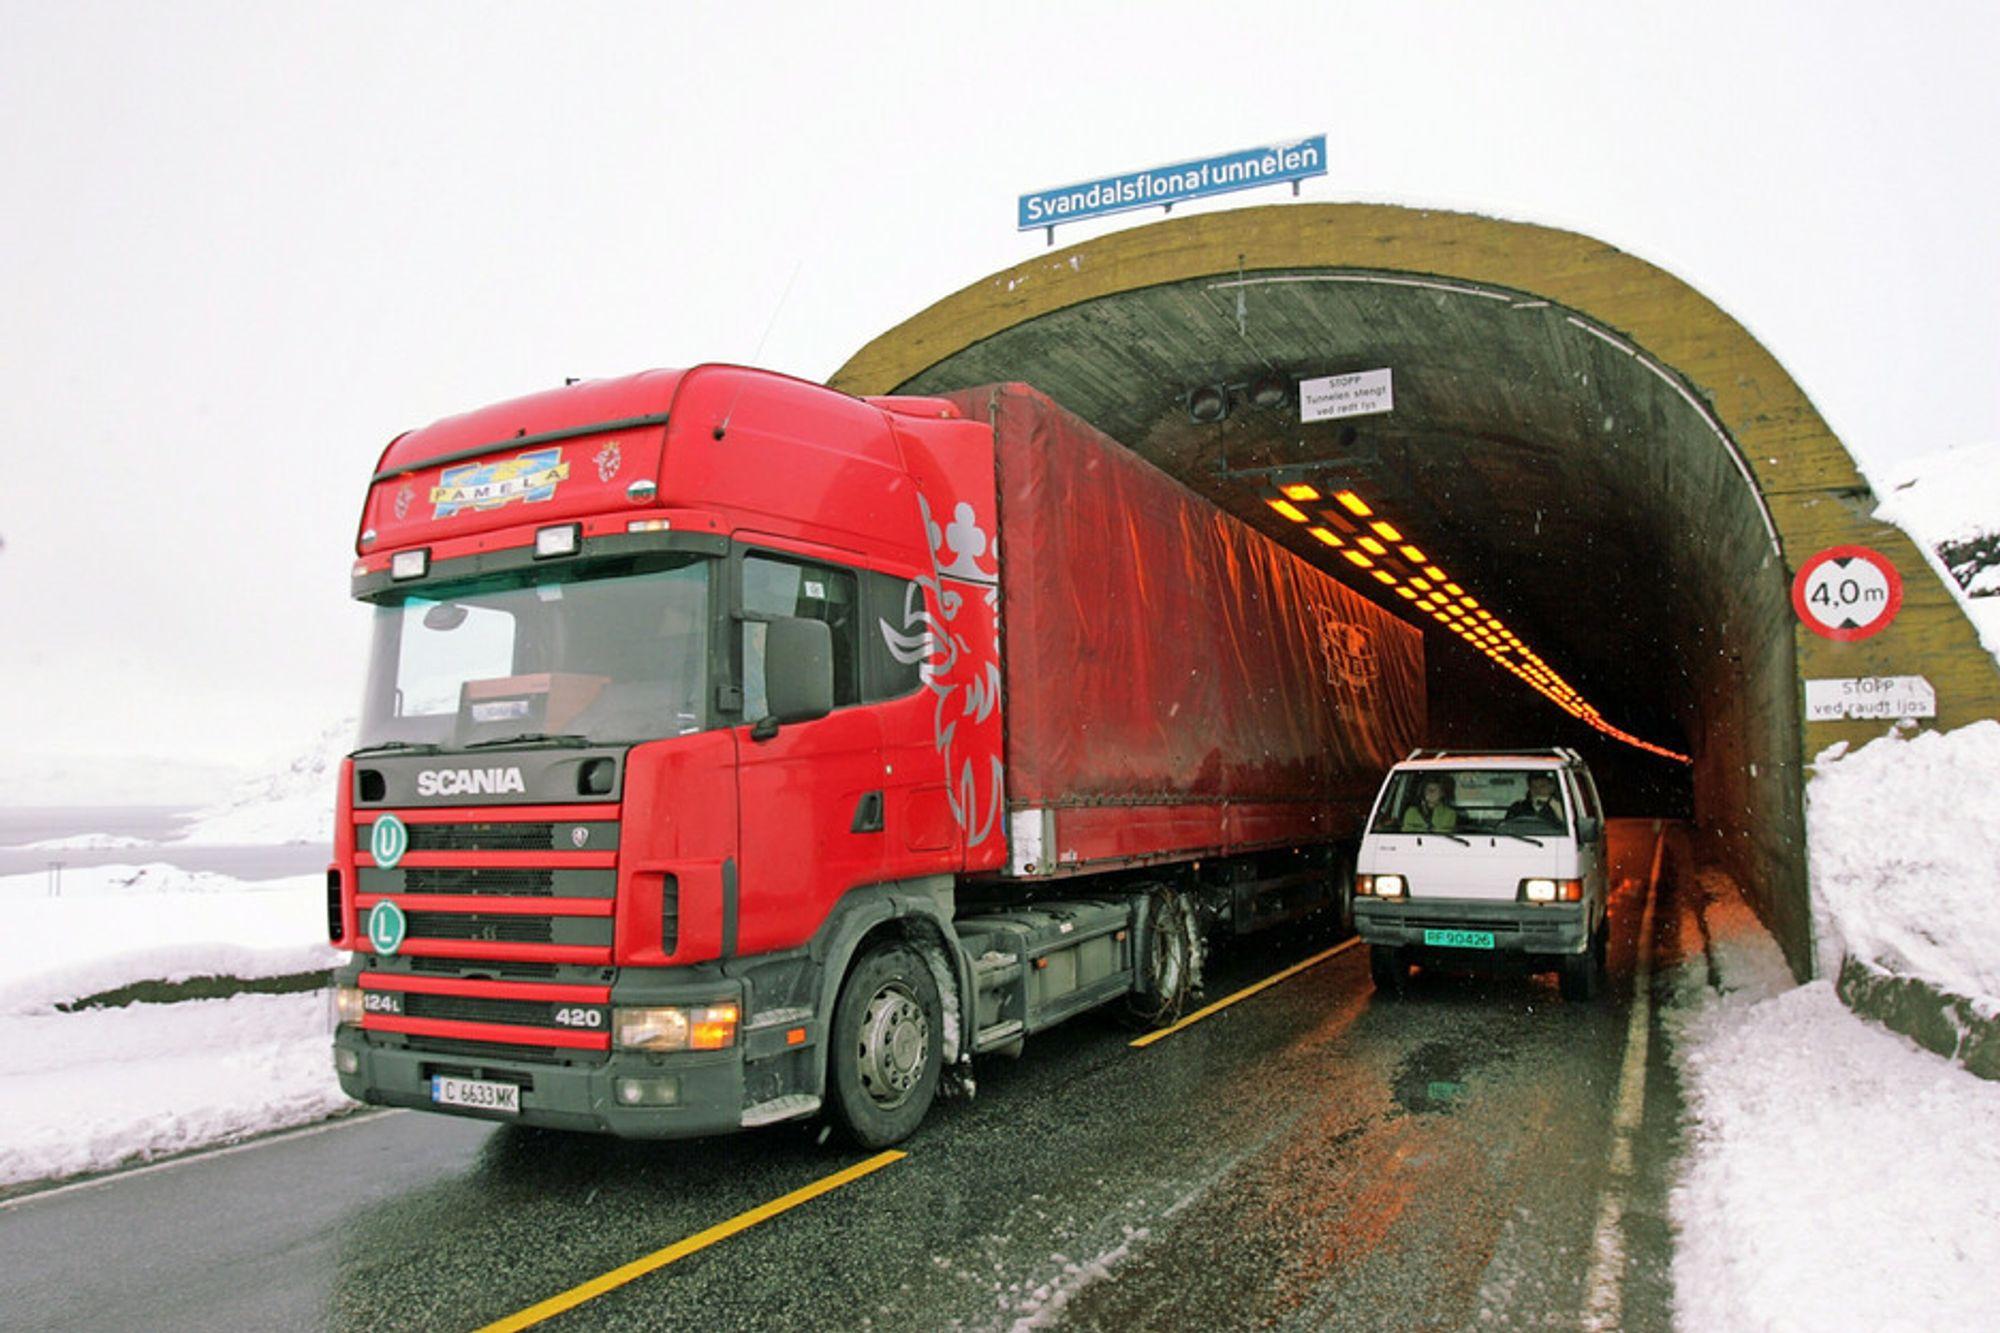 En velkjent situasjon på E 134: En bil på veg ut av Svandalsflonatunnelen passerer et utenlandsk vogntog som ligger helt ute mot midtlinjen. Etter det som skjedde ved anbudsåpningen kan det bli lenge til tunnelen blir høy nok til at denne situasjonen kan unngås.